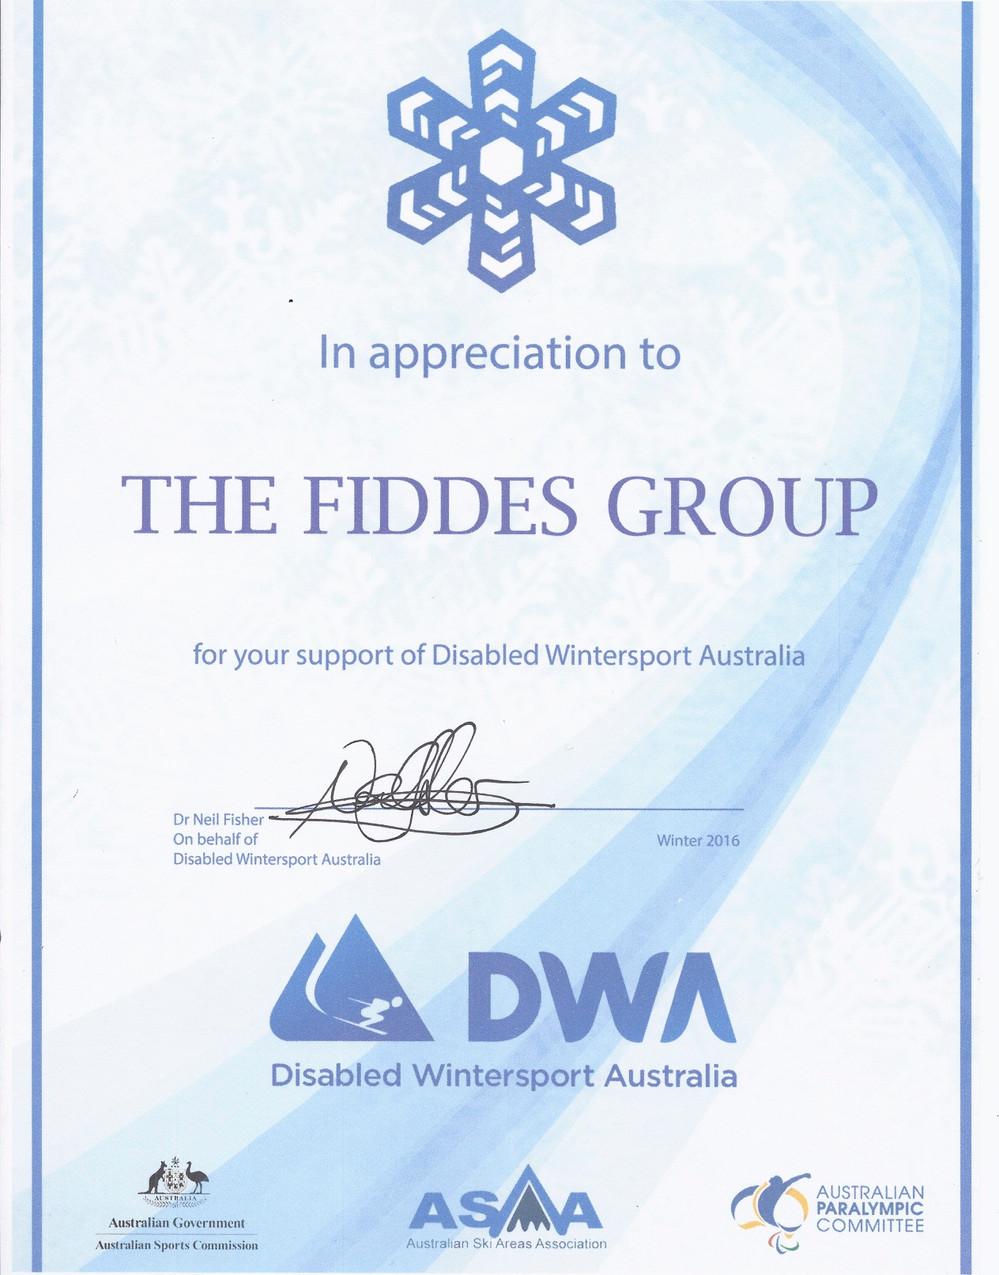 DWA Certificate of Appreciation